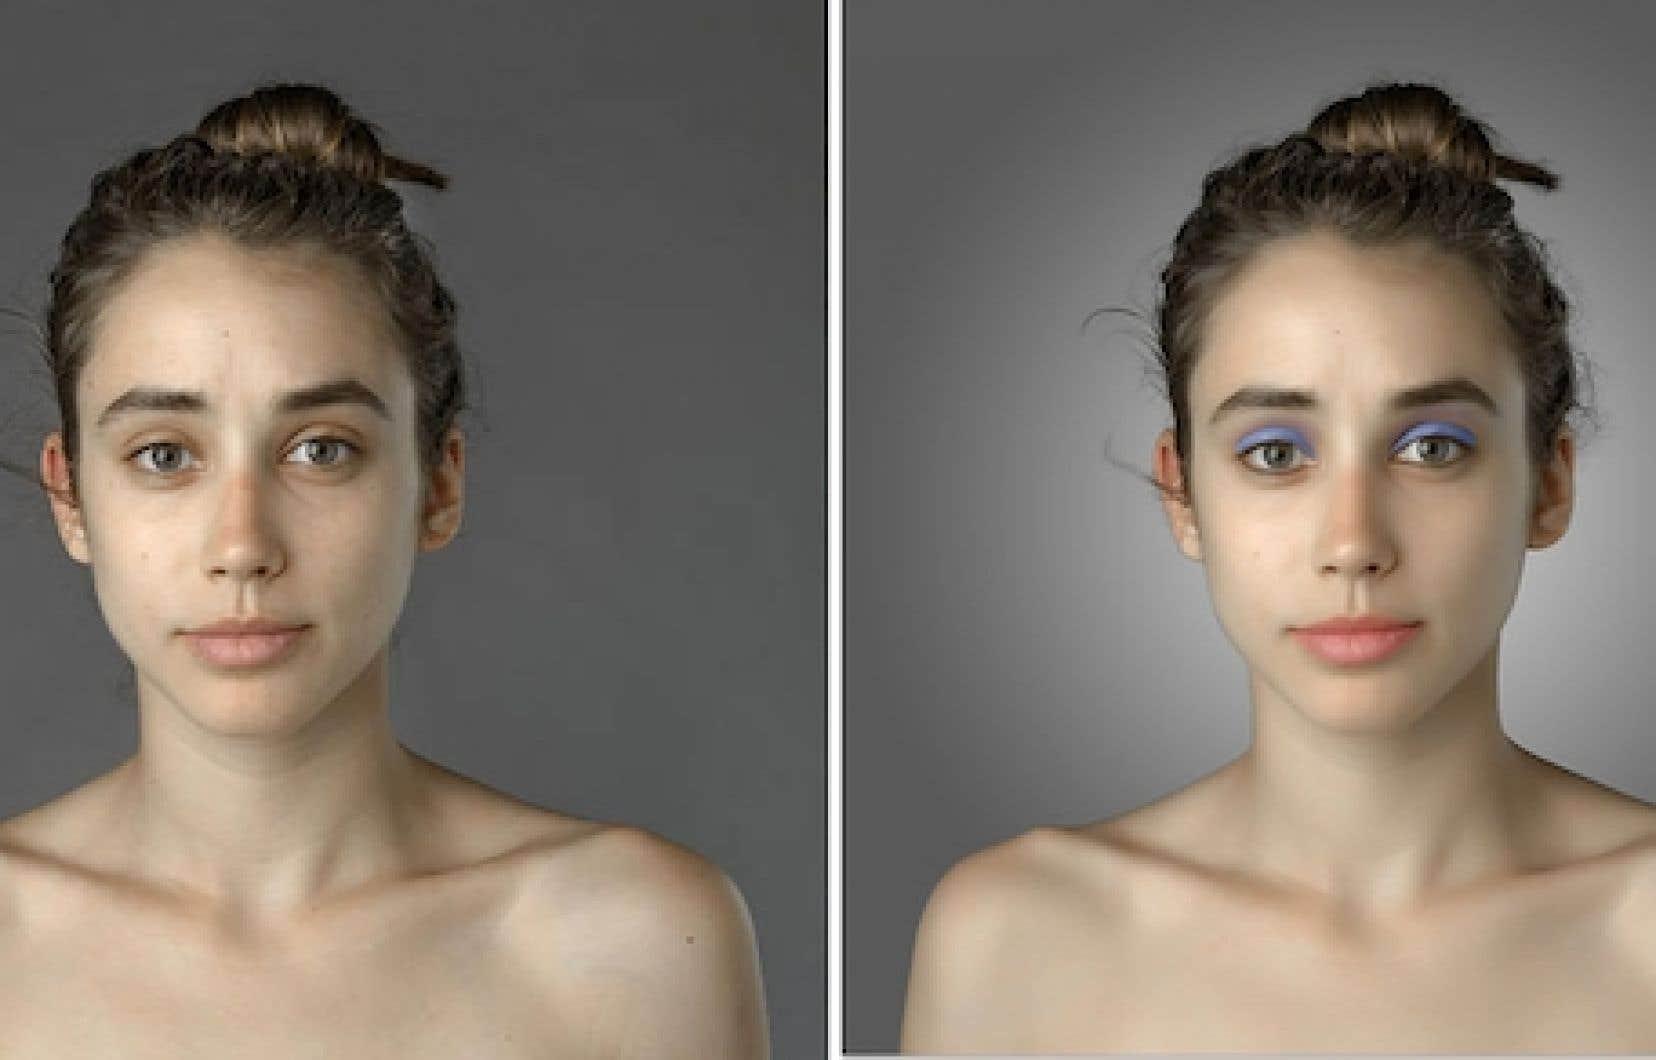 Le beau dans ses différences: à gauche, l'original, à droite, retouchée au Kenya